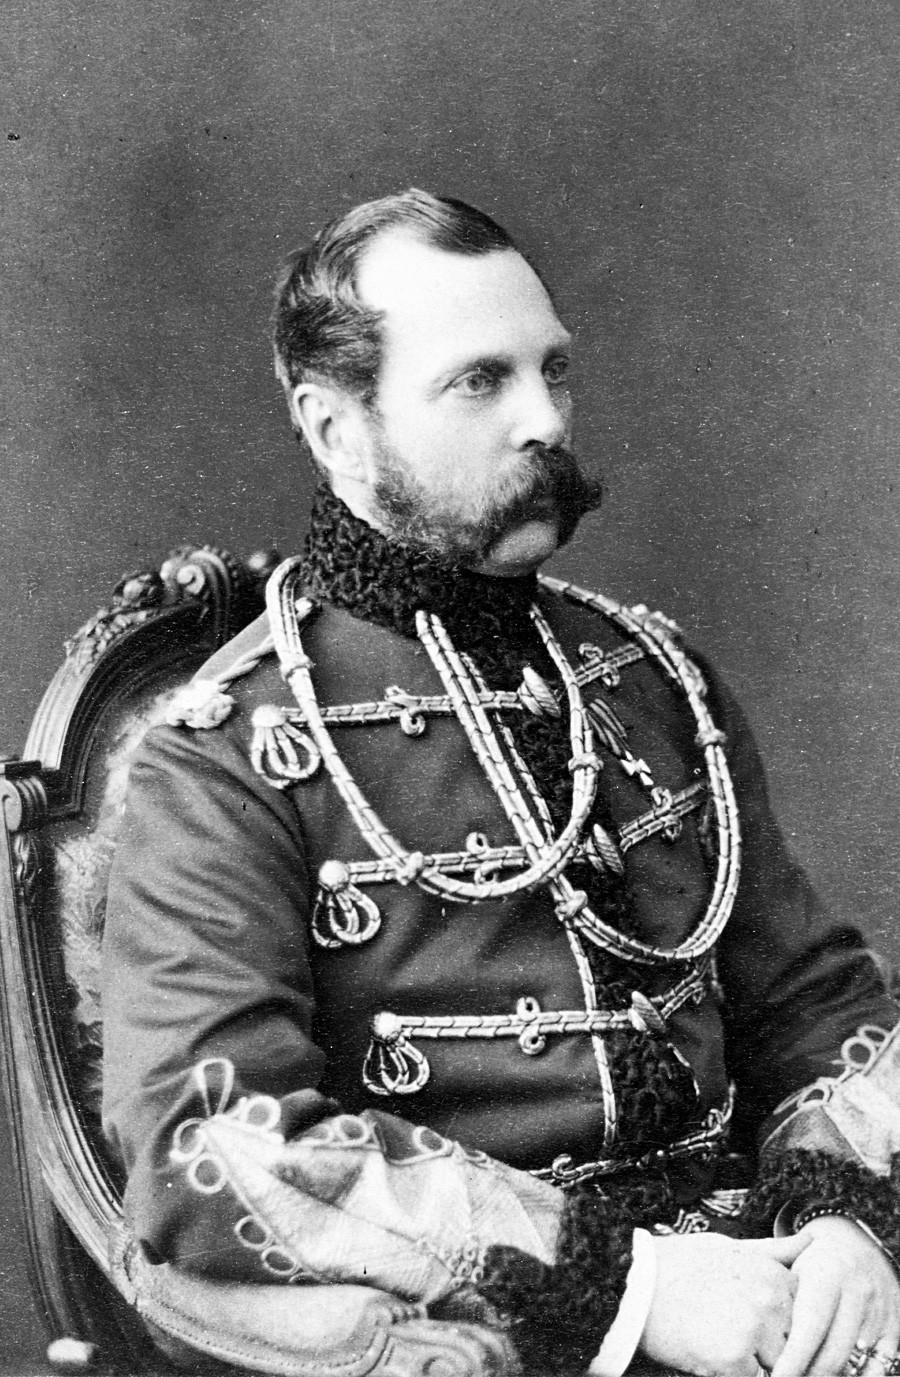 アレクサンドル2世の肖像画(1870-1886)